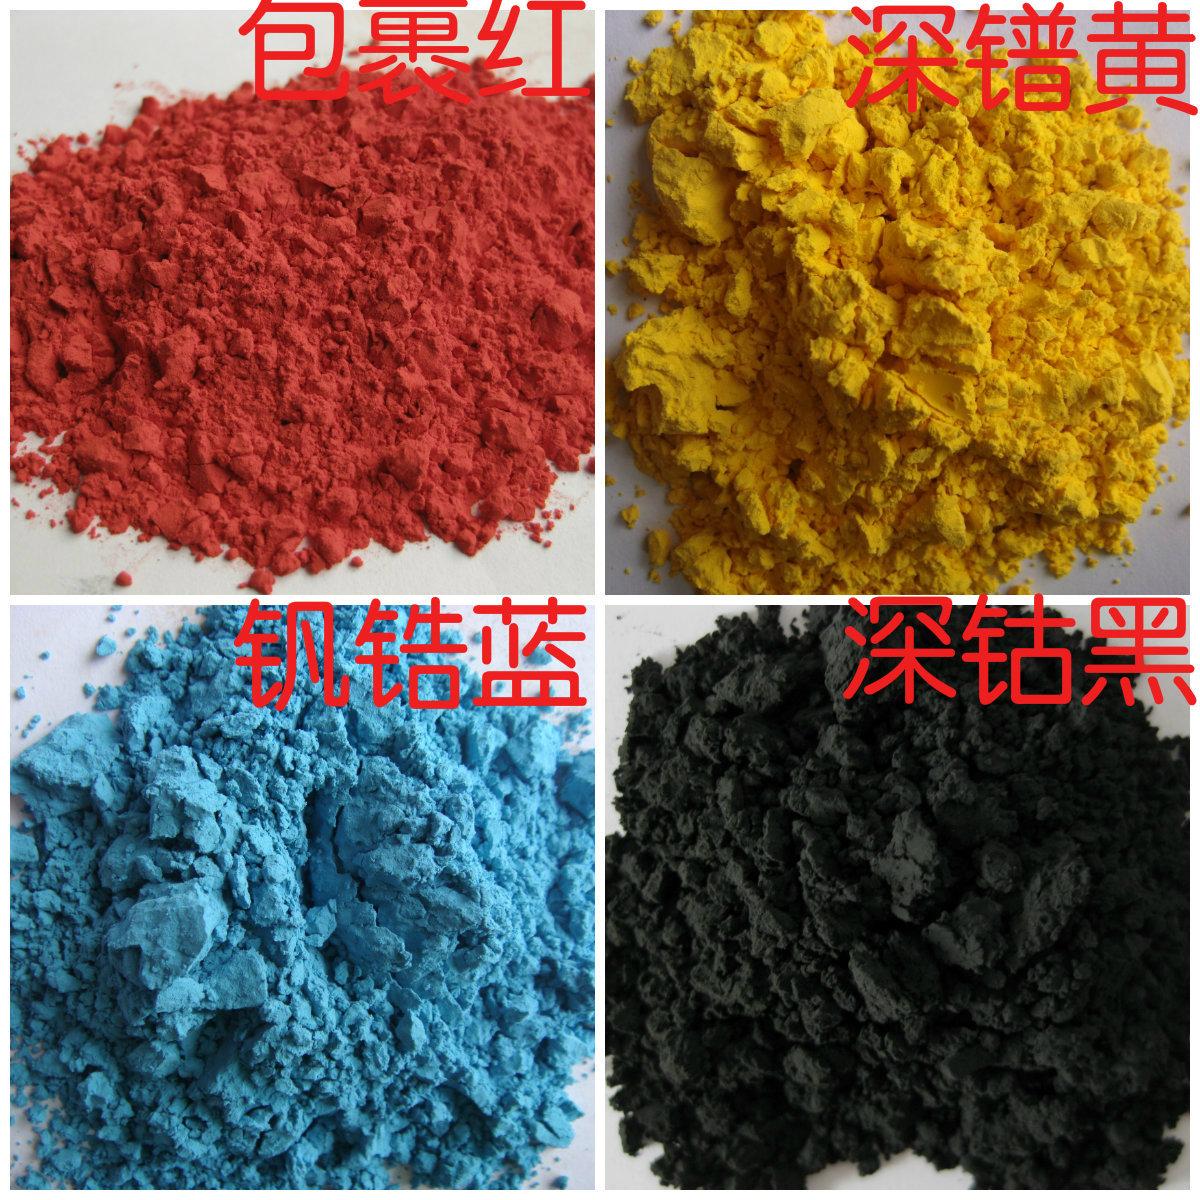 厂家直销陶瓷颜料色料  陶瓷耐高温颜料 高温陶瓷黑颜料 色料样品